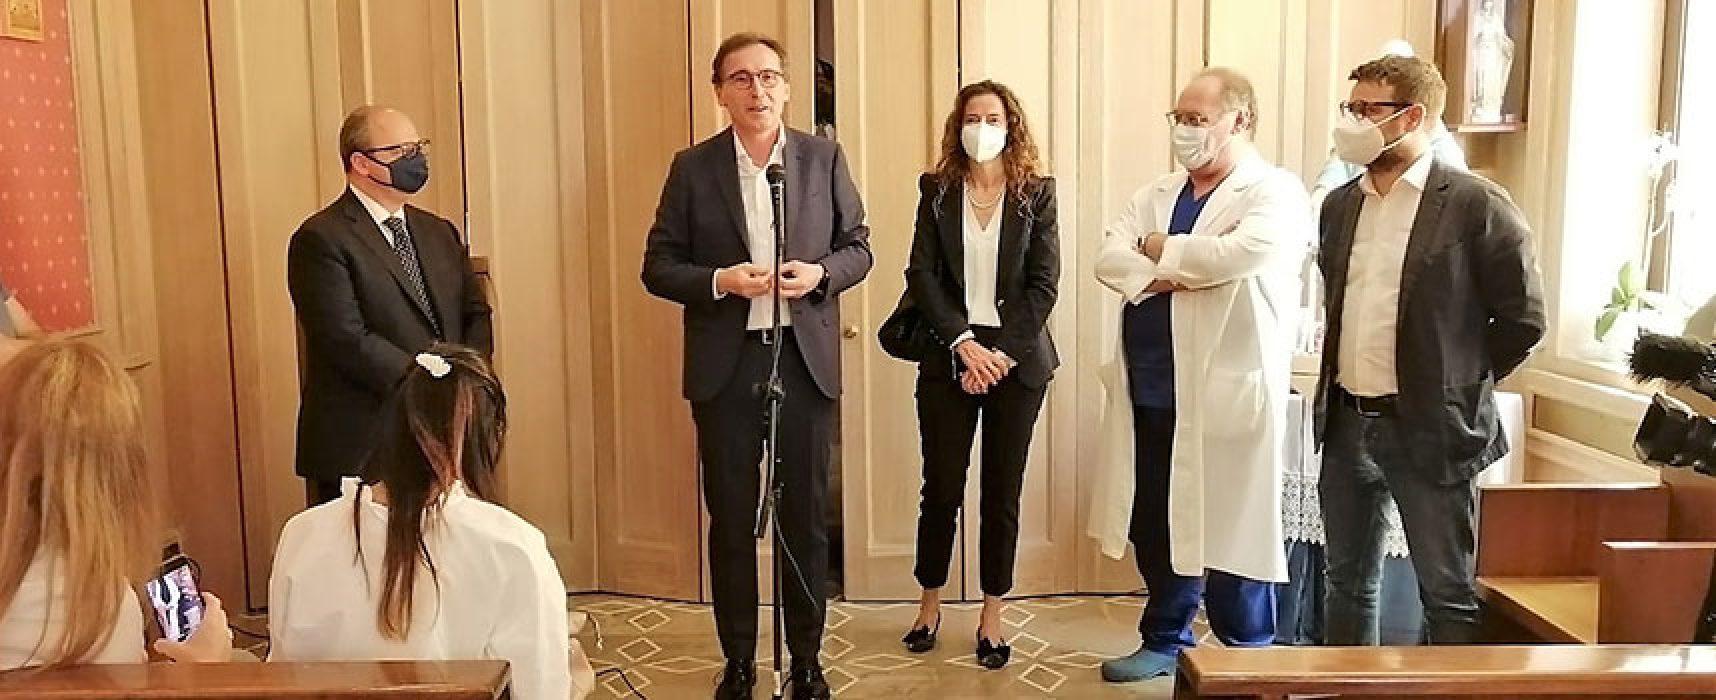 """Ministro Boccia in visita all'ospedale di Bisceglie, """"Investite al Sud, sanità fatta da eroi normali"""""""